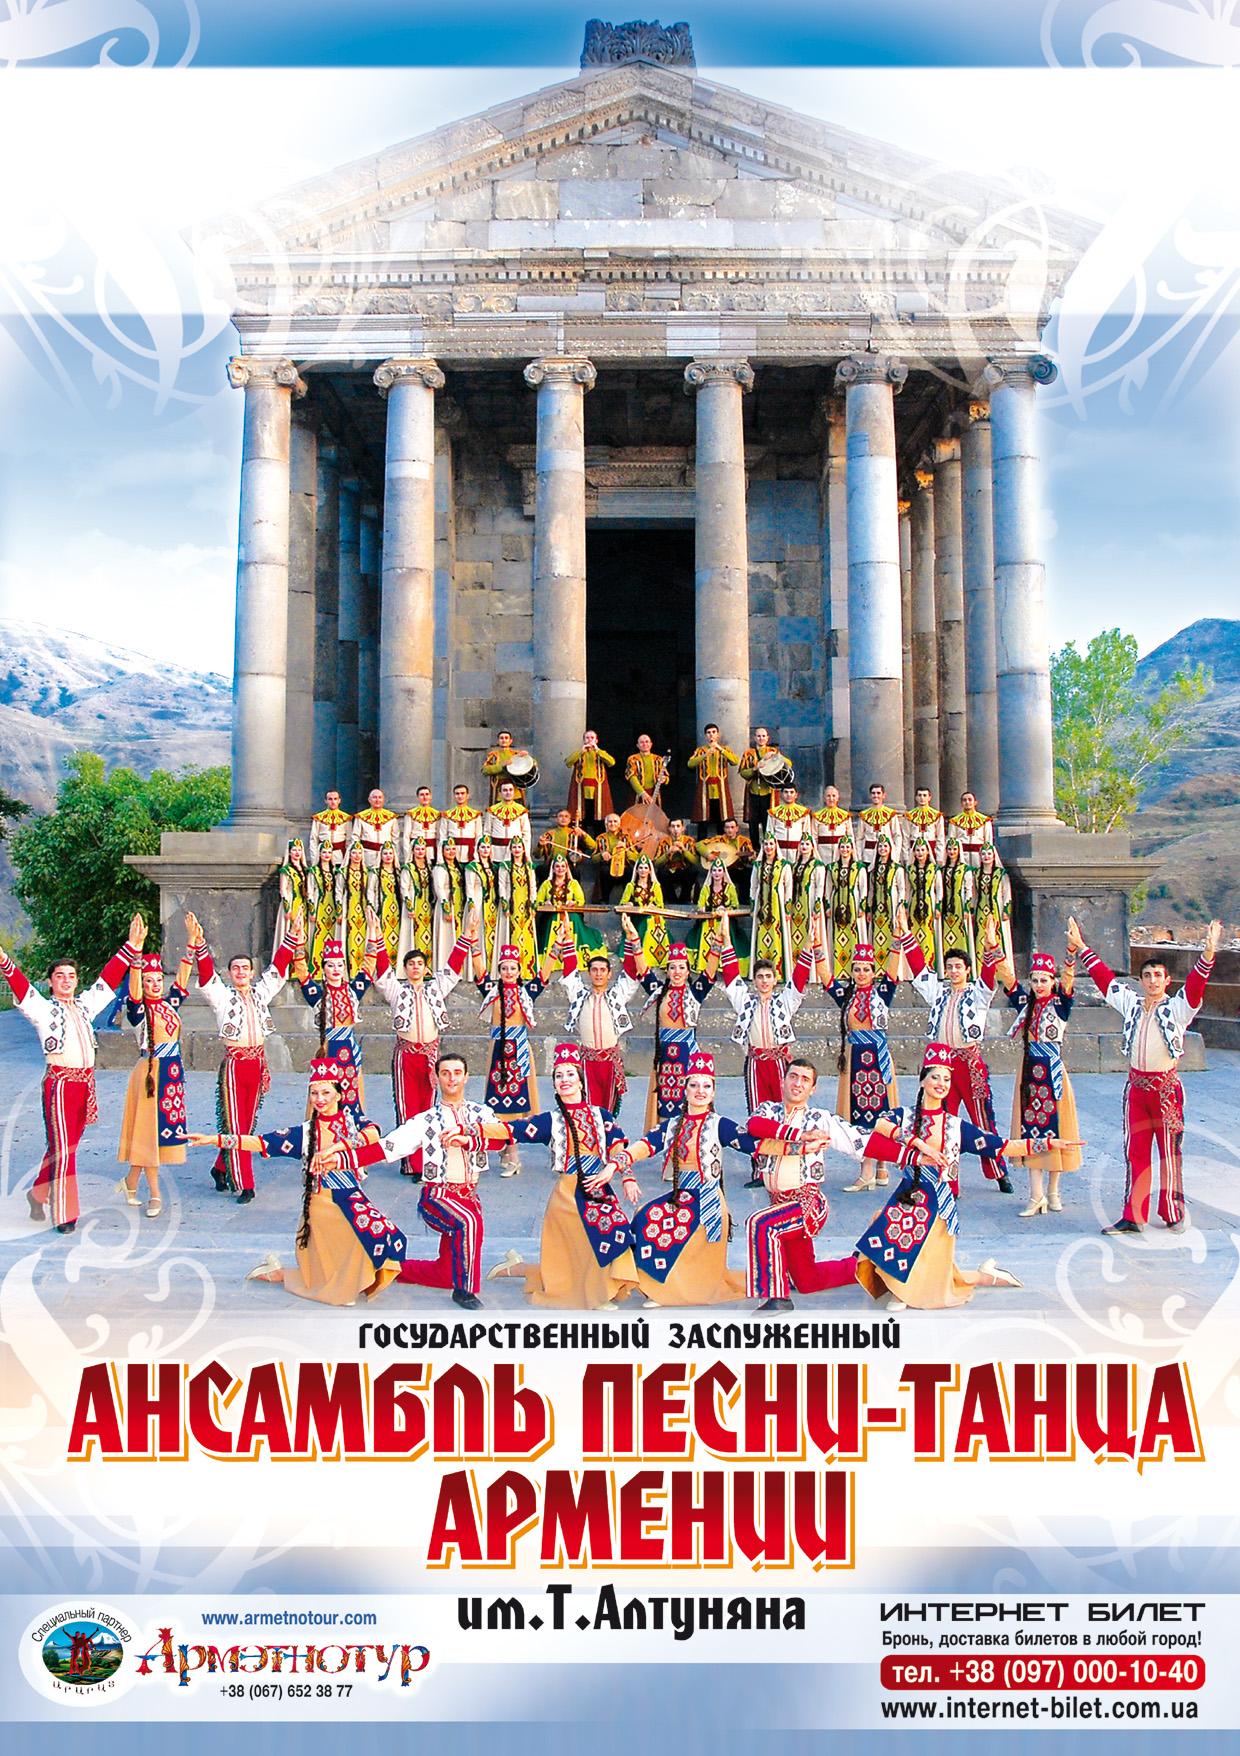 Купить билеты в армянский театр цена билета в театр мимики и жеста